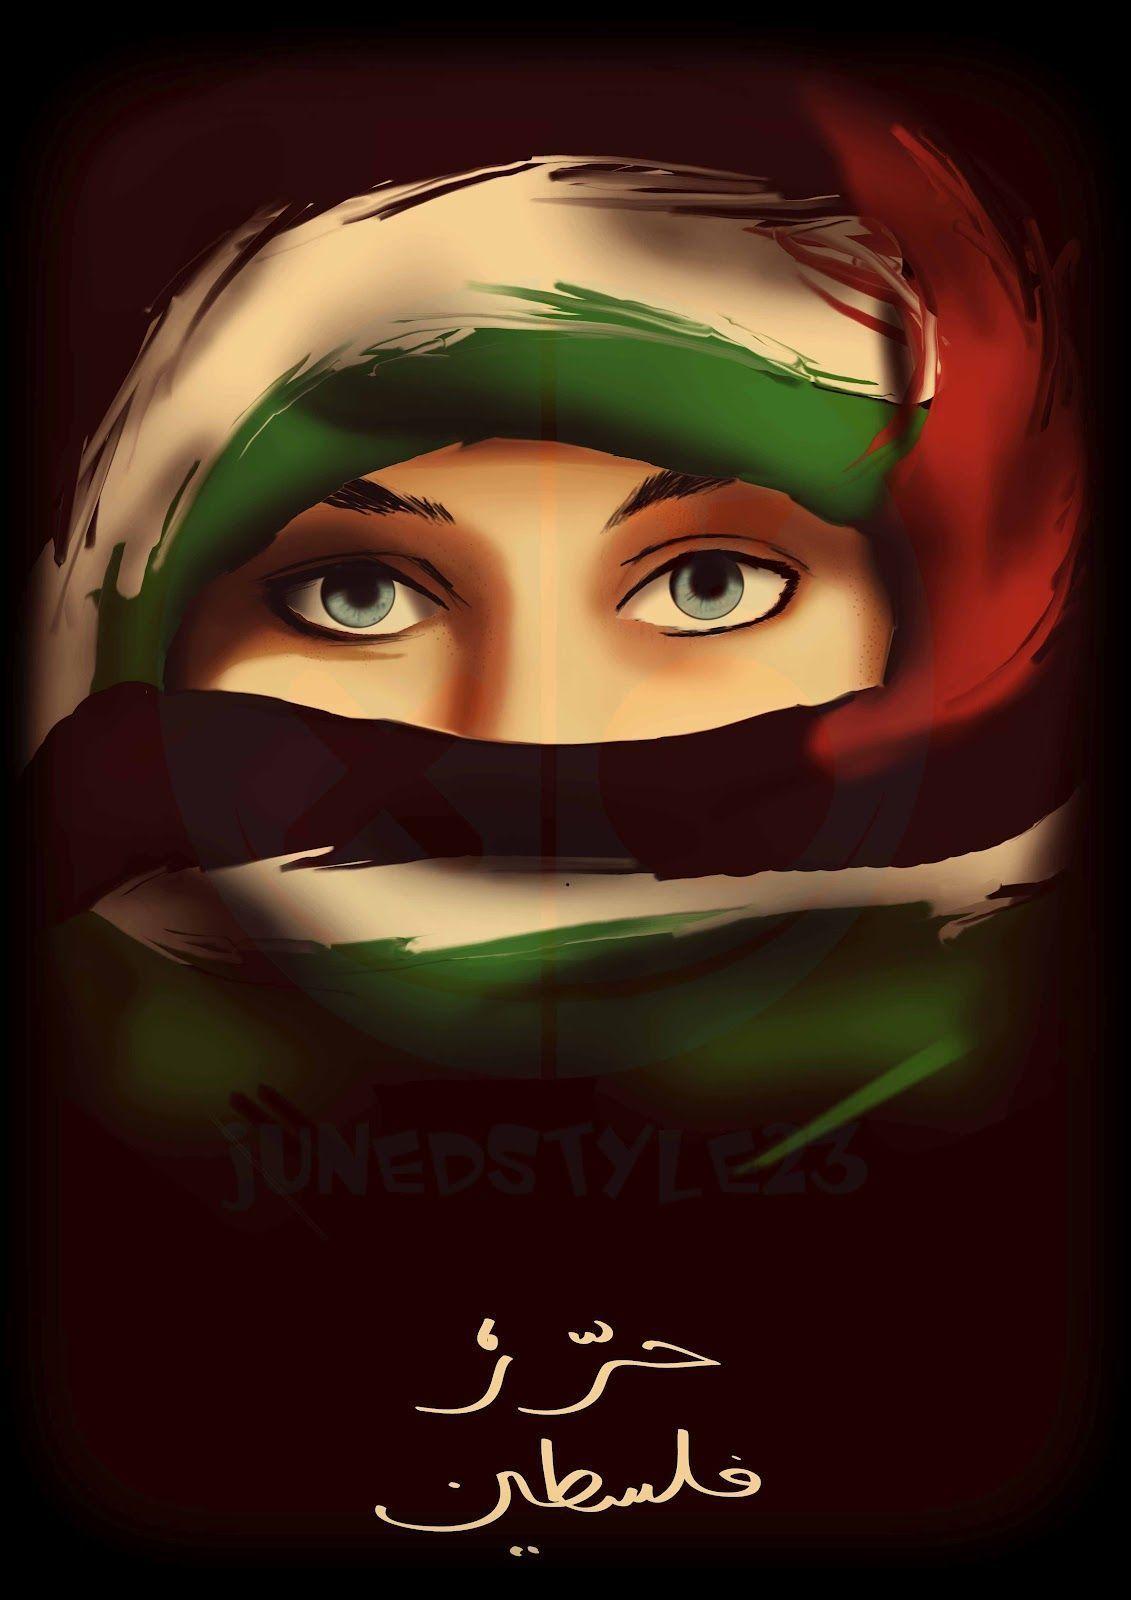 Wallpaper Indonesia Dan Palestina - Gambar Ngetrend dan VIRAL